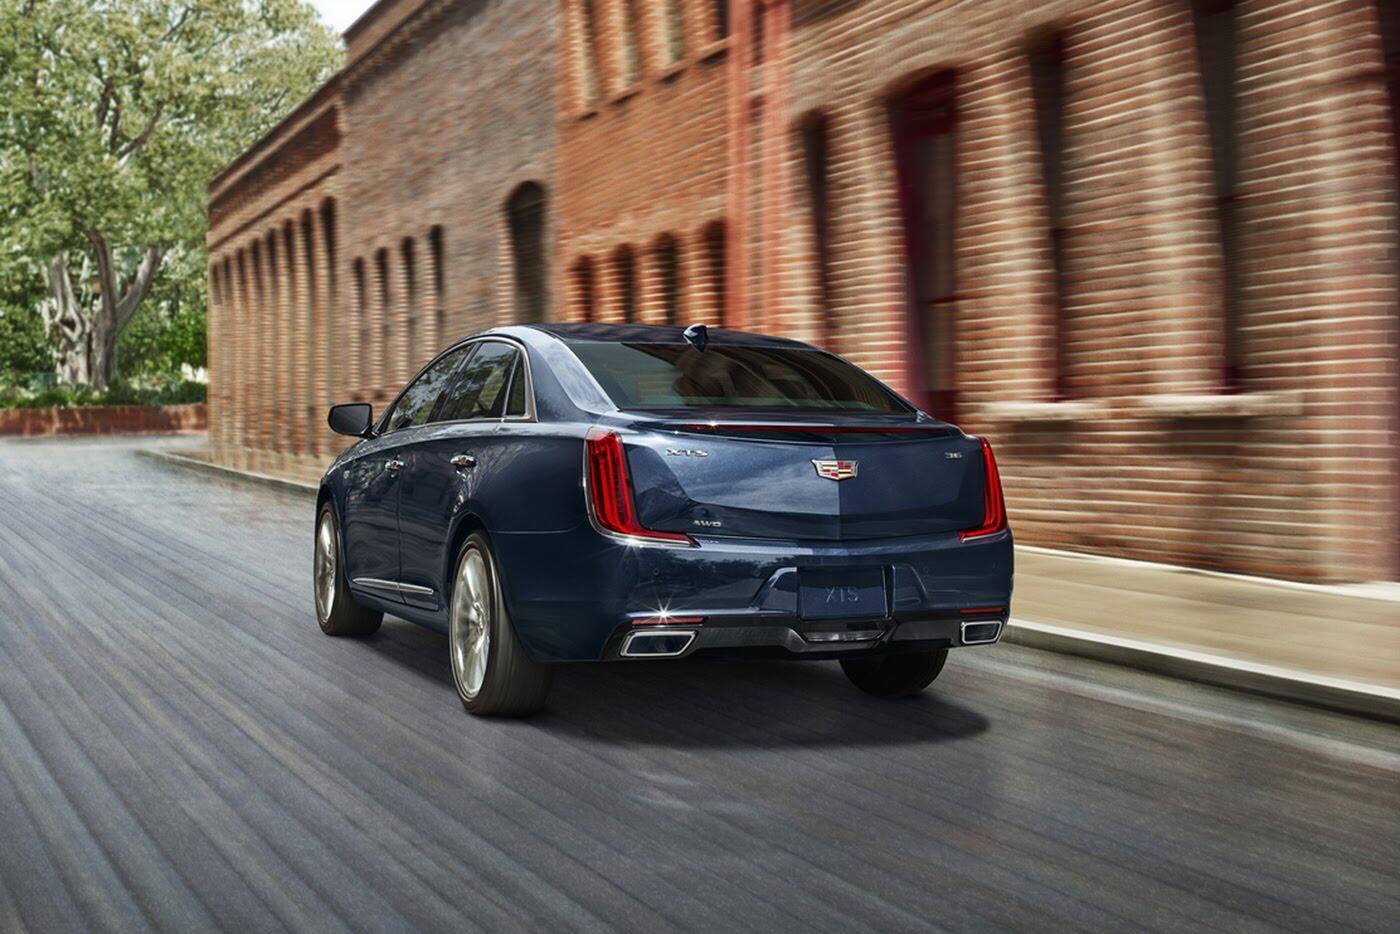 Cadillac XTS 2018 lộ diện với thiết kế hoàn toàn mới - Hình 3